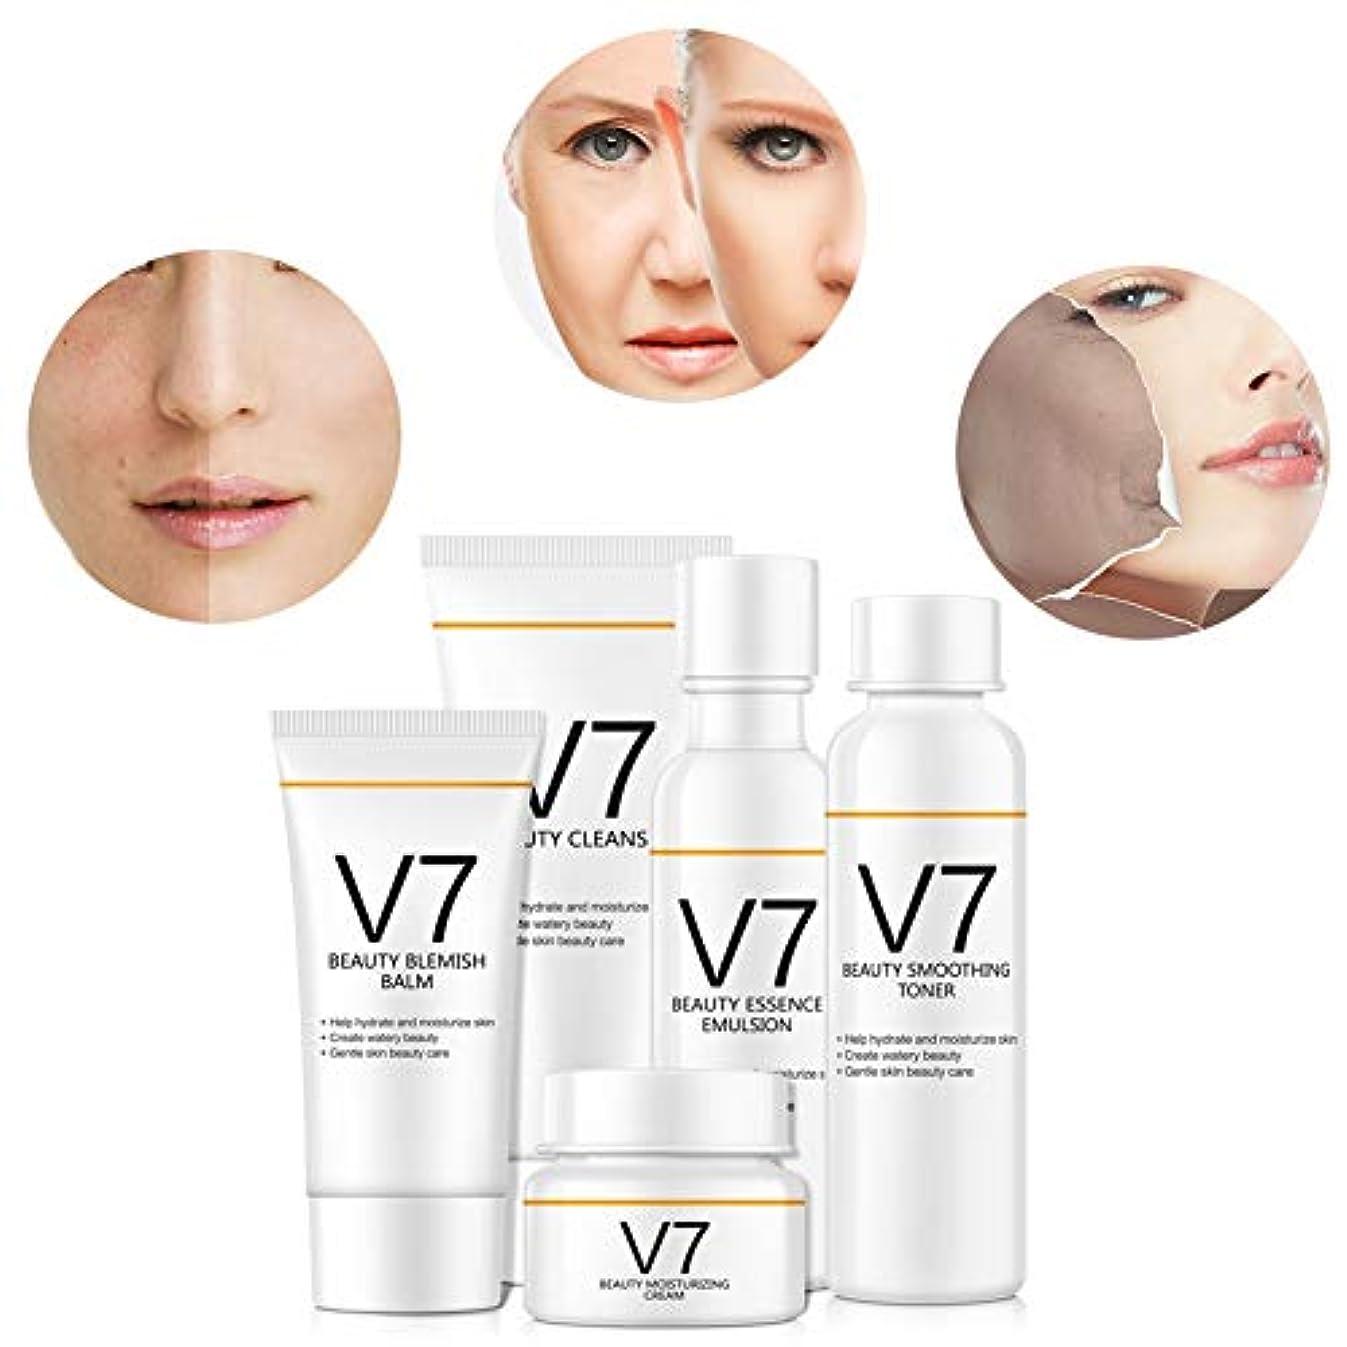 リーガン悪質なネイティブモイスチャライジングエマルジョン、セルラーエマルジョンは、5枚の深さで肌を保護し、潤いを与えます